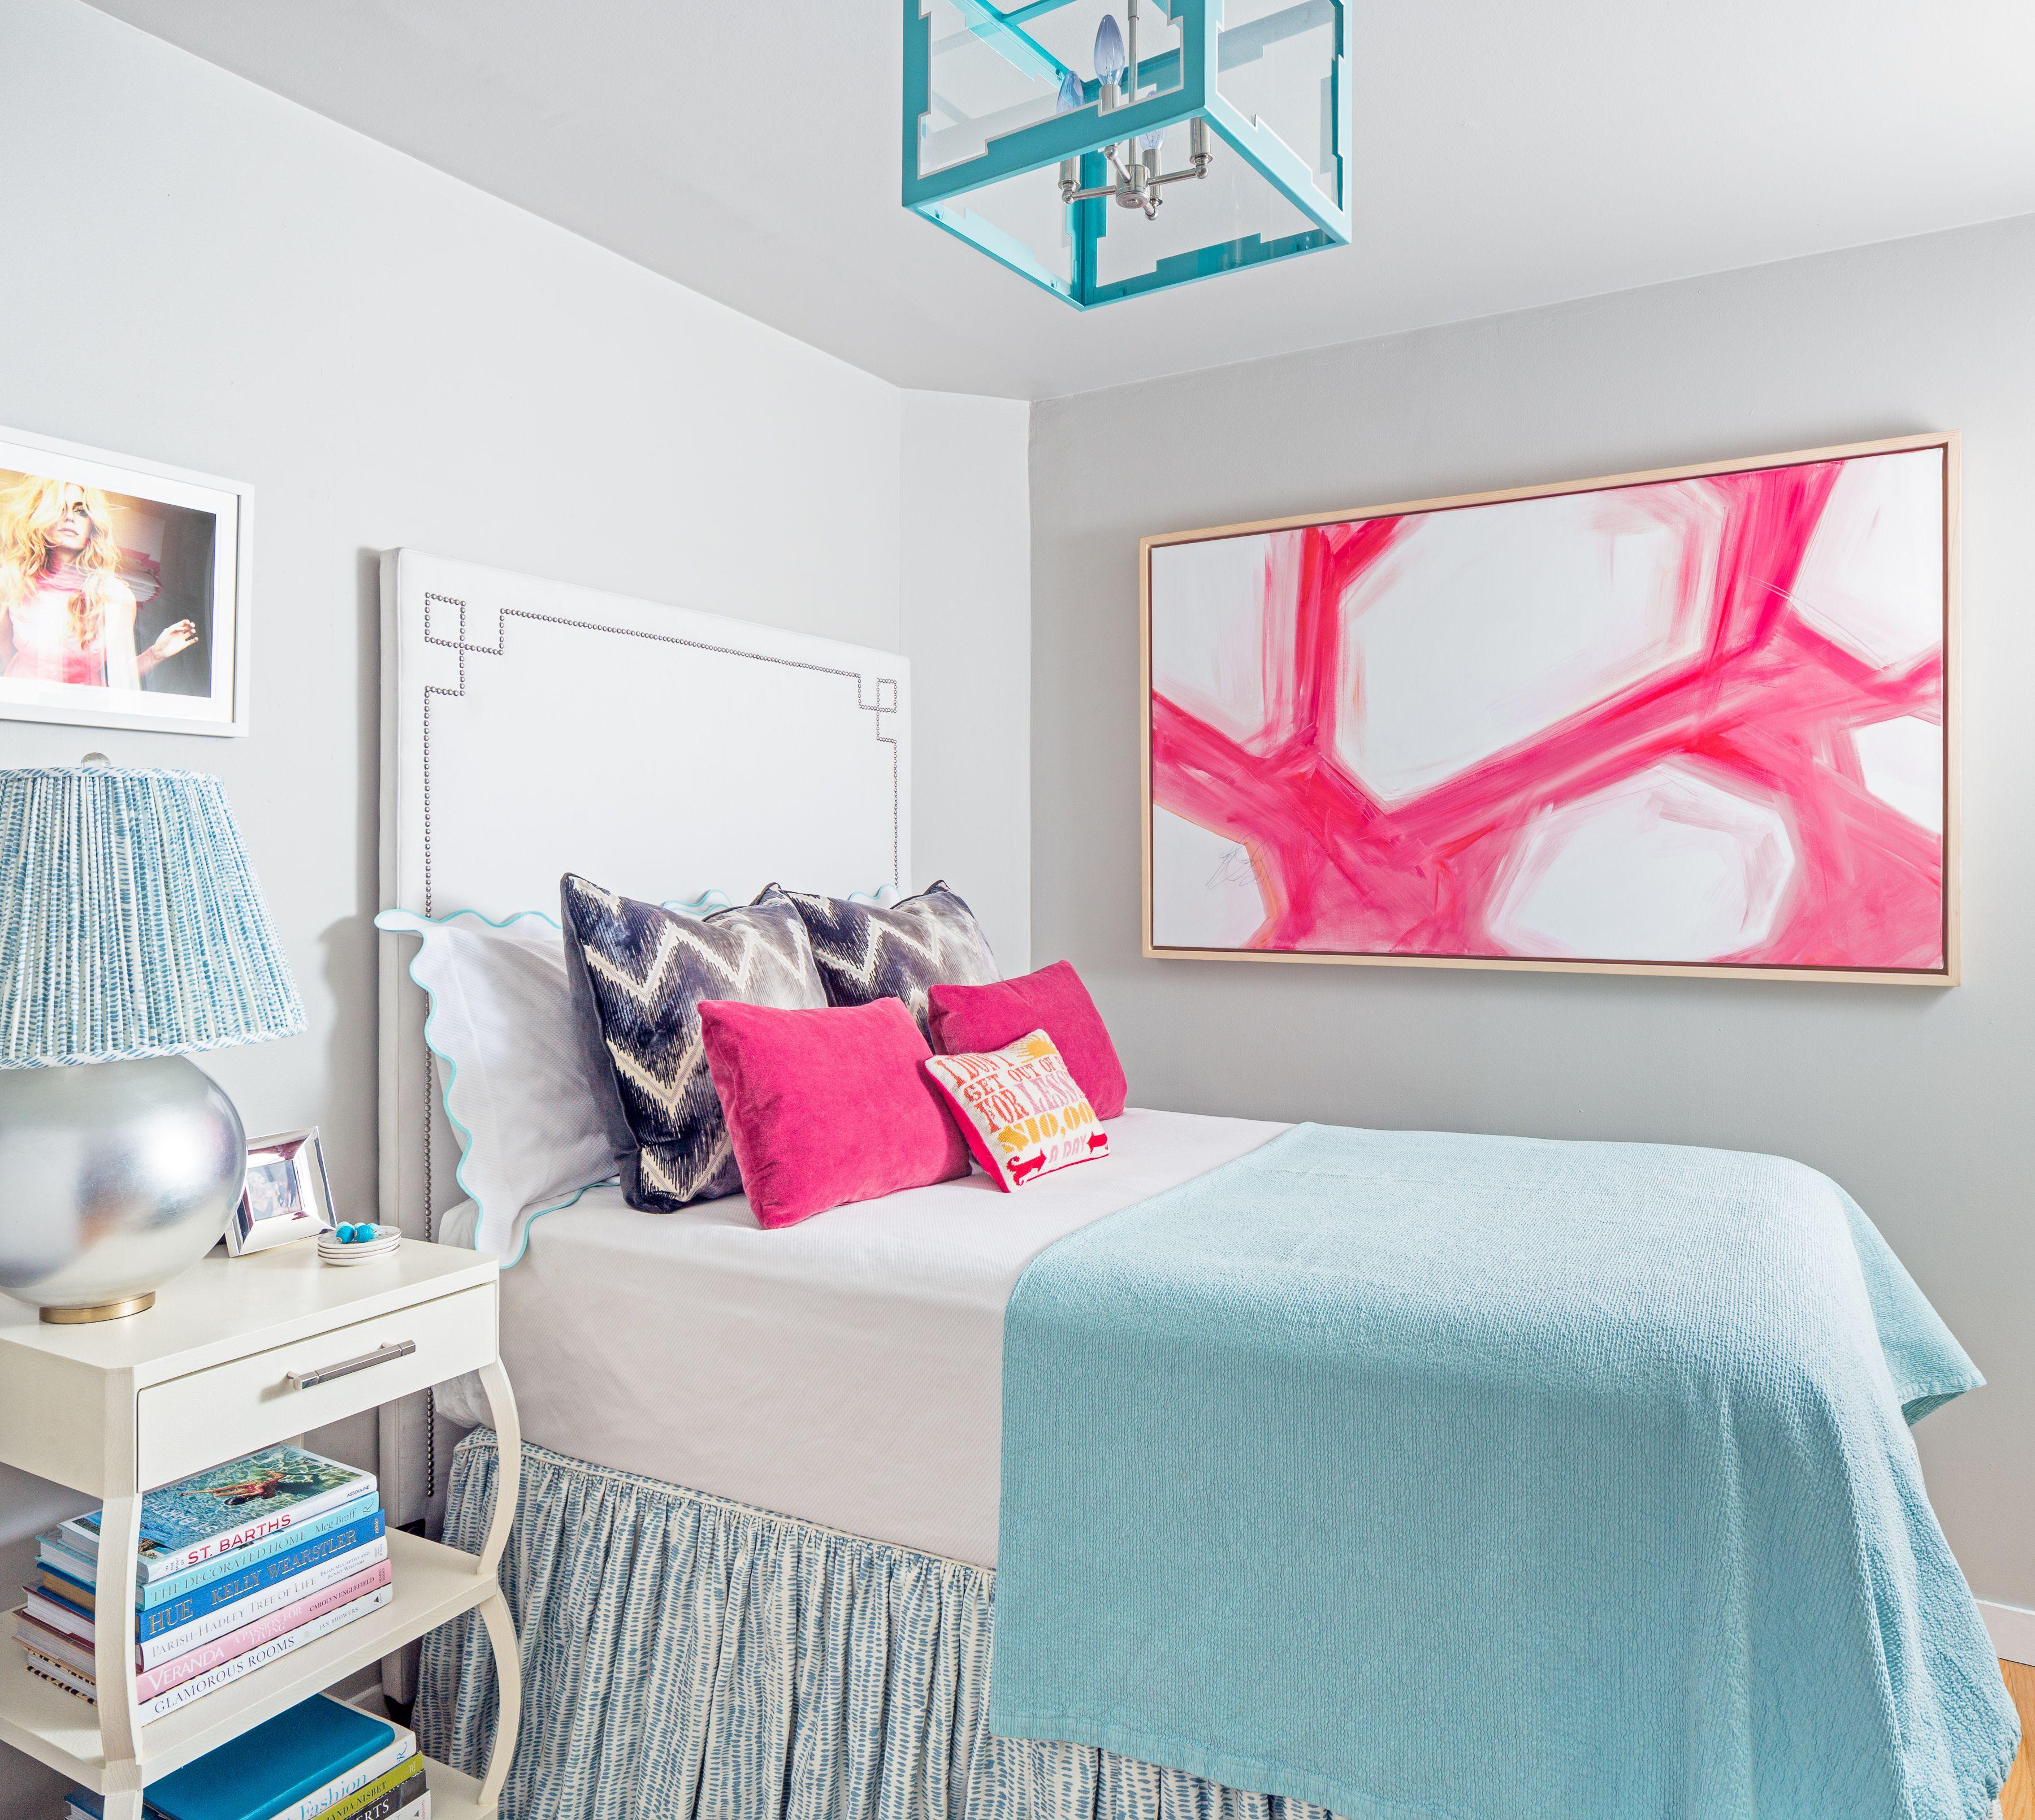 Interiors How to Make Your Teeny Tiny